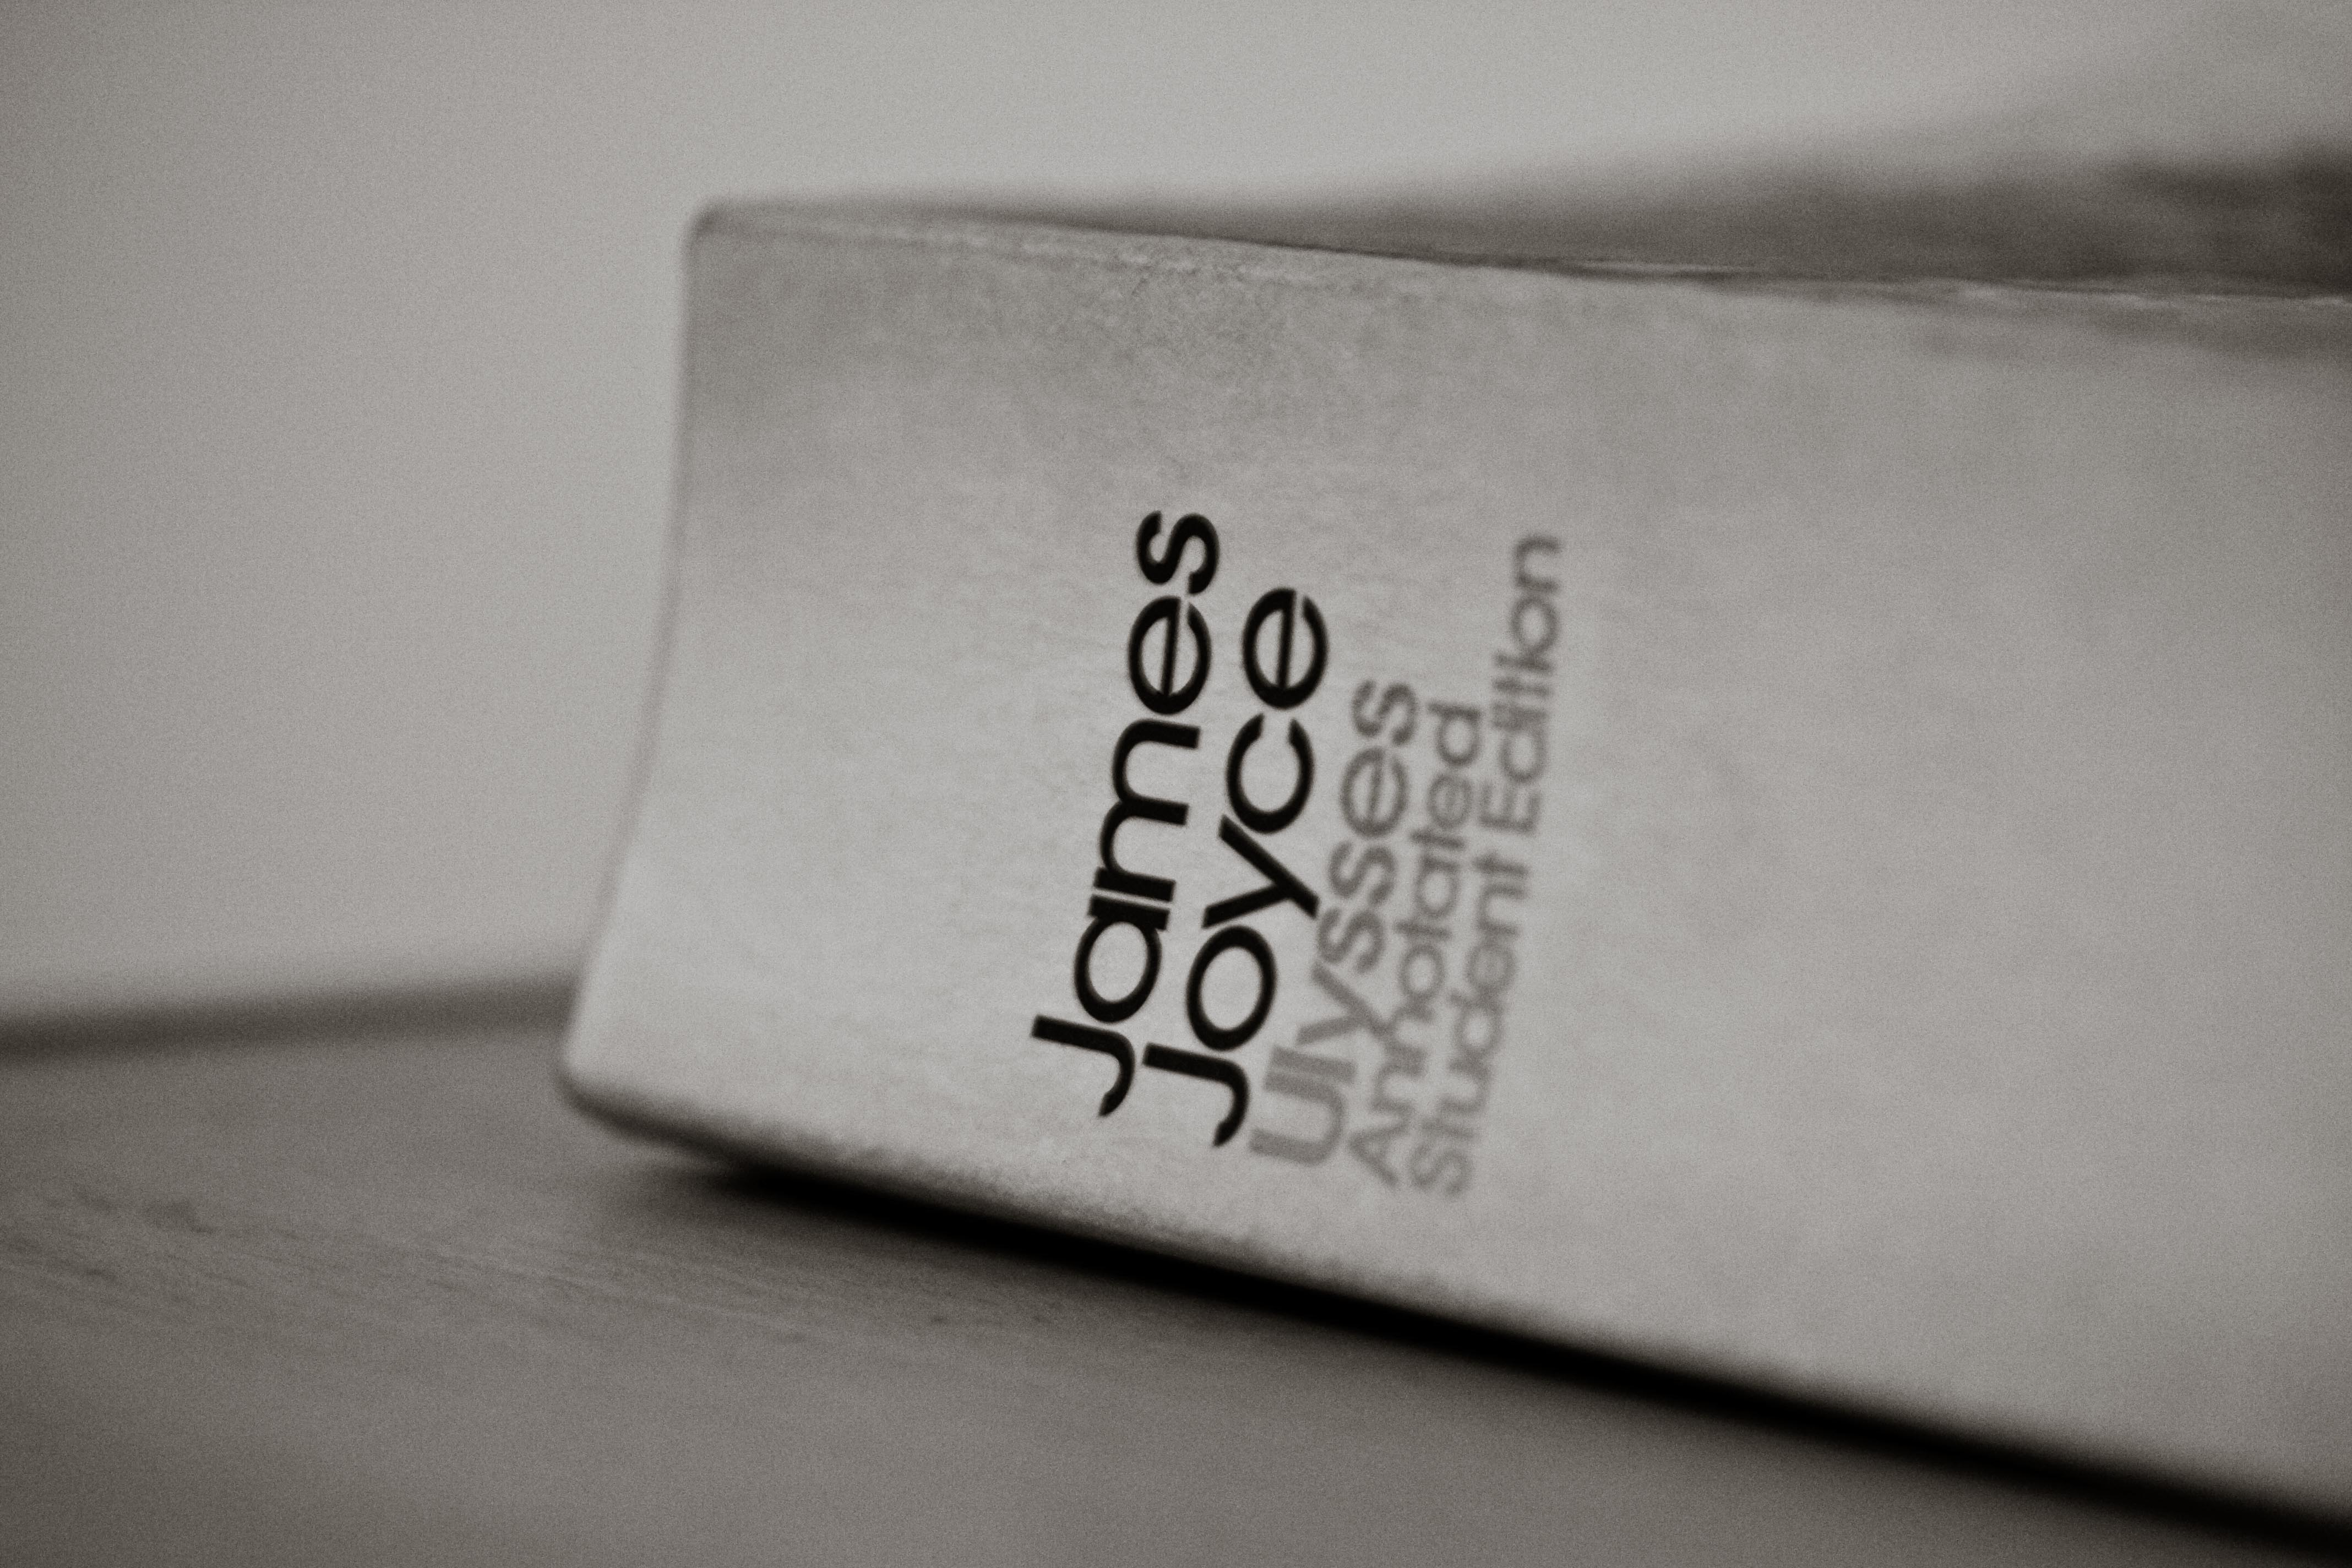 Ulysses-kirjan kansi - mitkä ovat maailman parhaita kirjoja?